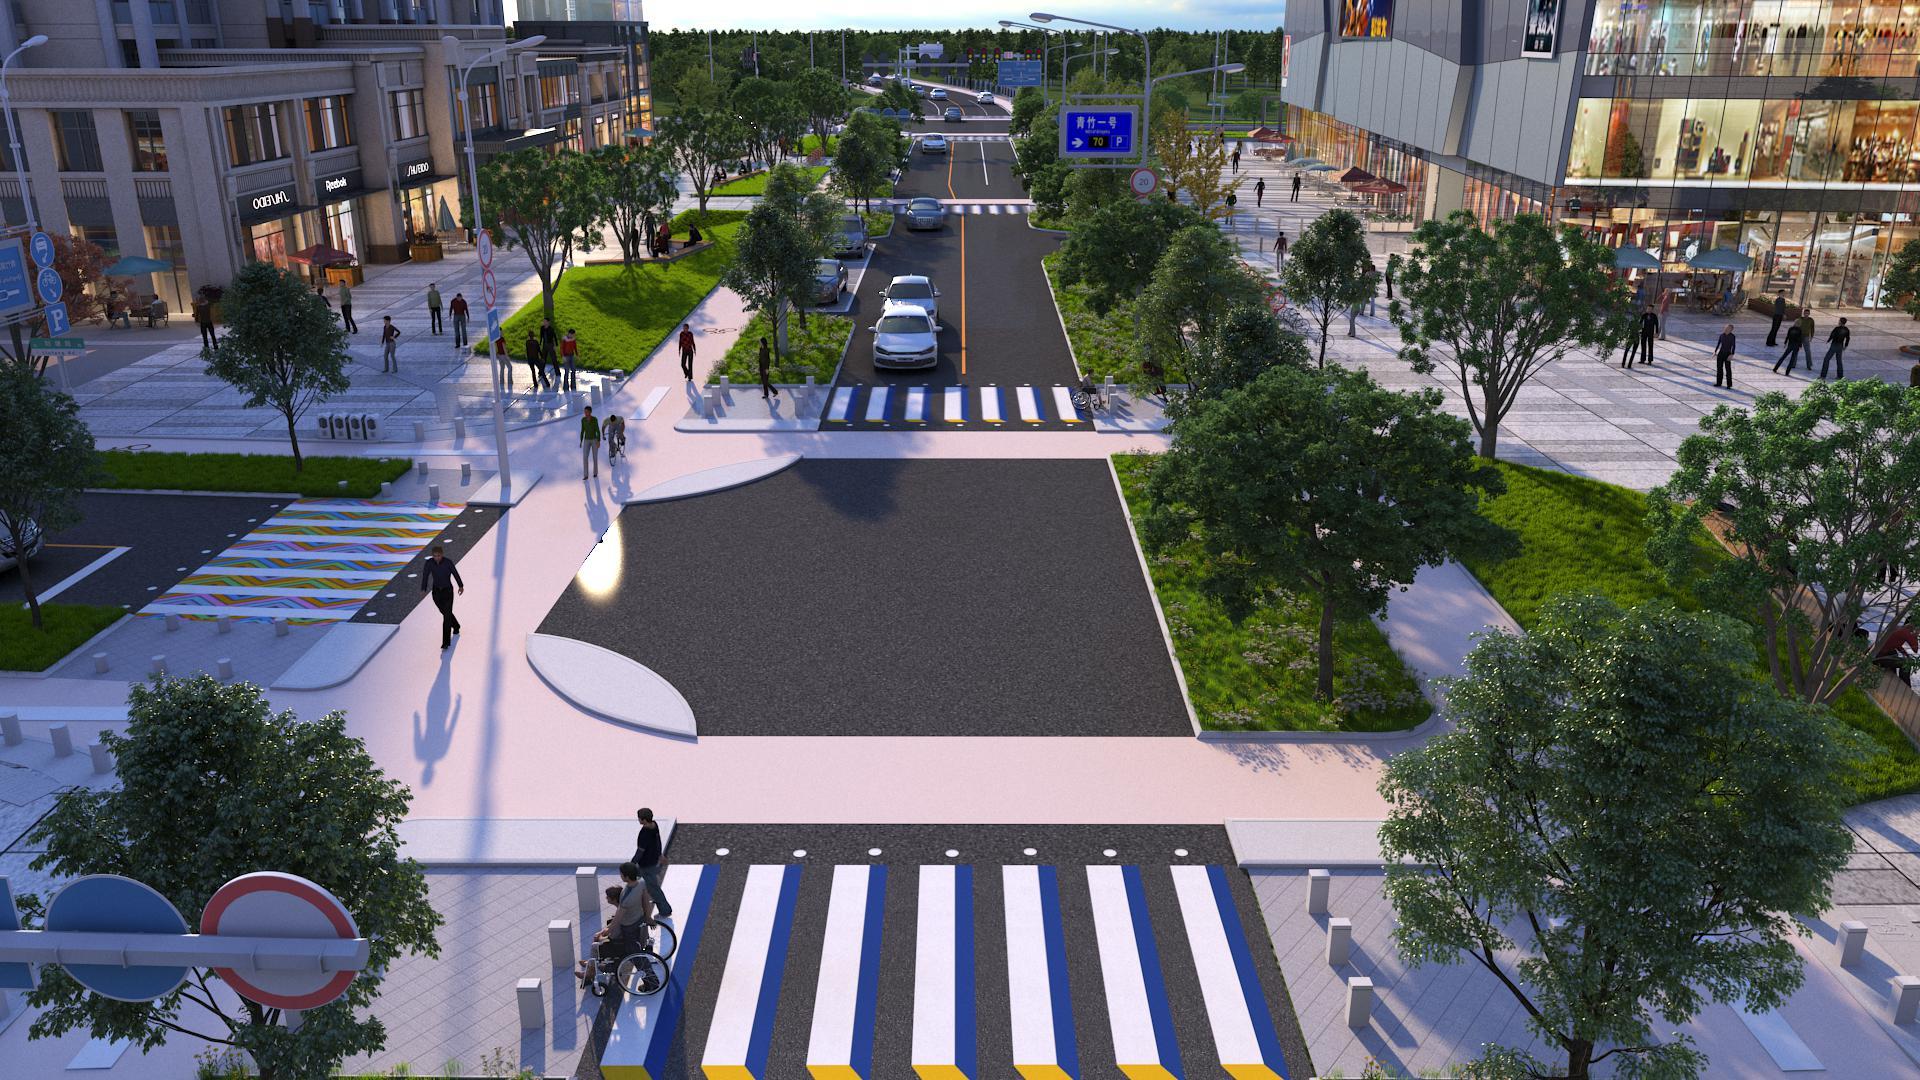 青竹湖统征储备土地道路配套设施建设项目将人行道与建筑前区统一规划、合并设置,在不增加开发成本的条件下,改善城市景观的同时,增加更多建筑底商人气。